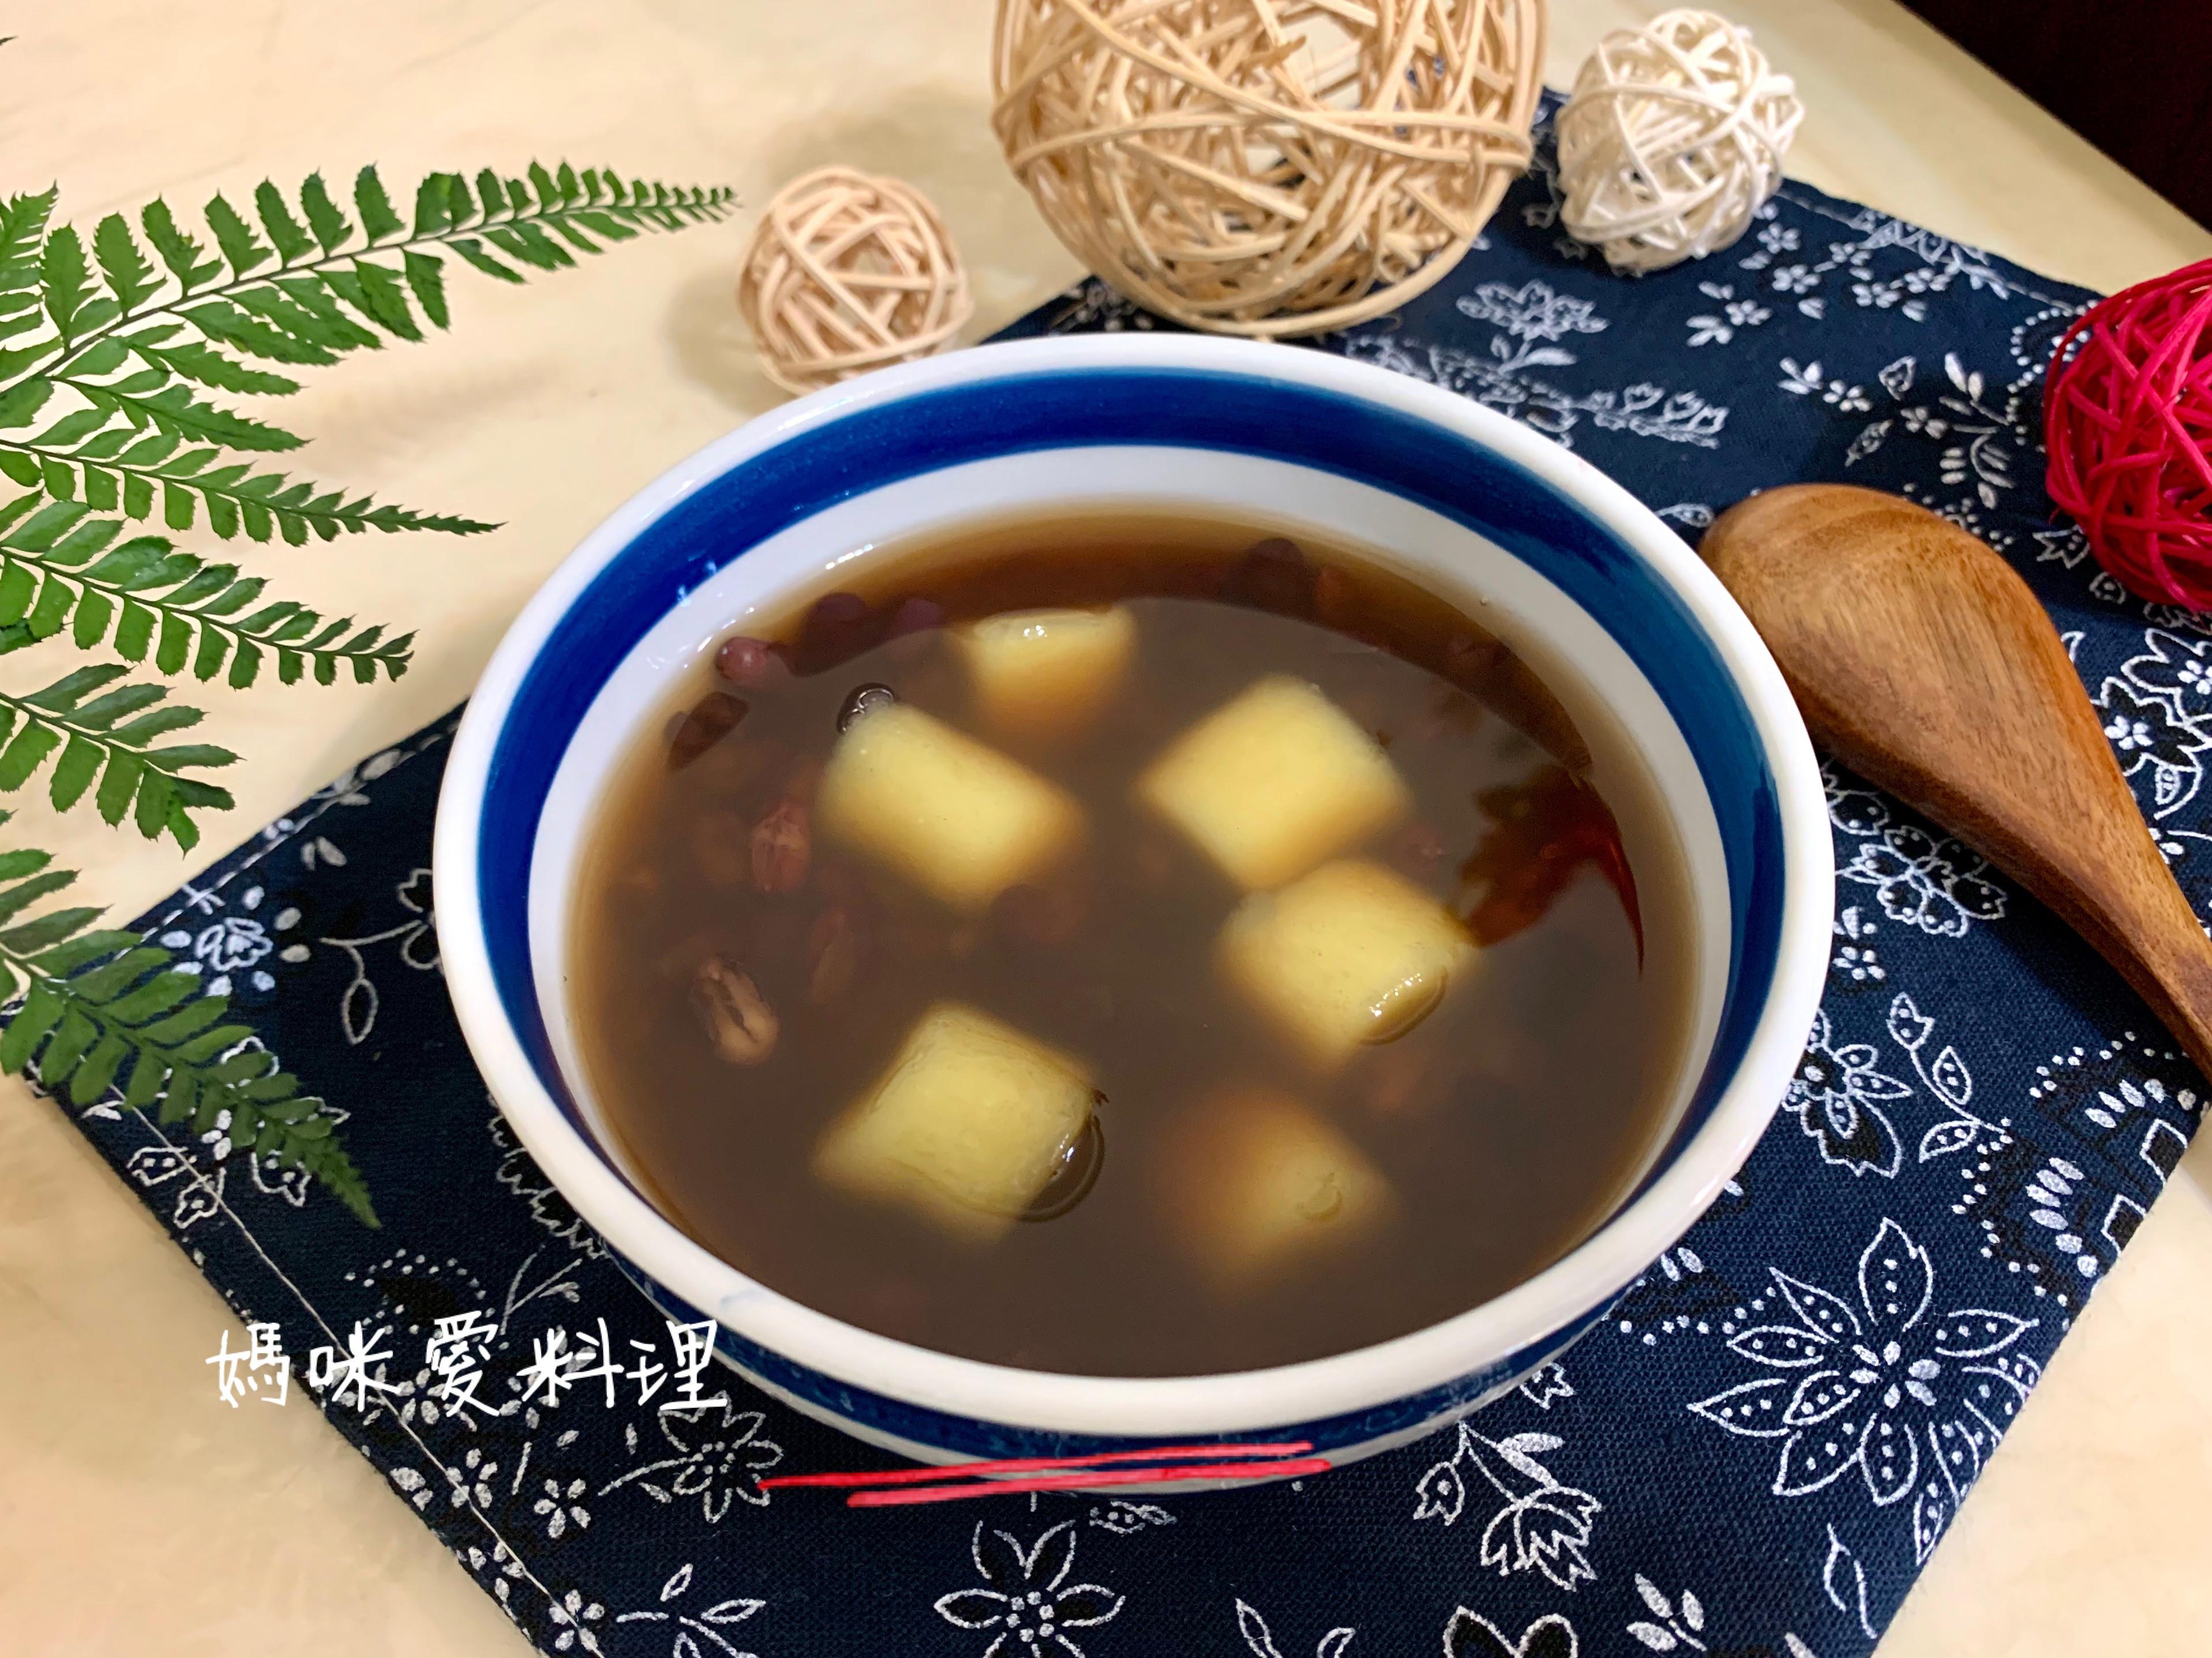 手作地瓜圓&紅豆湯